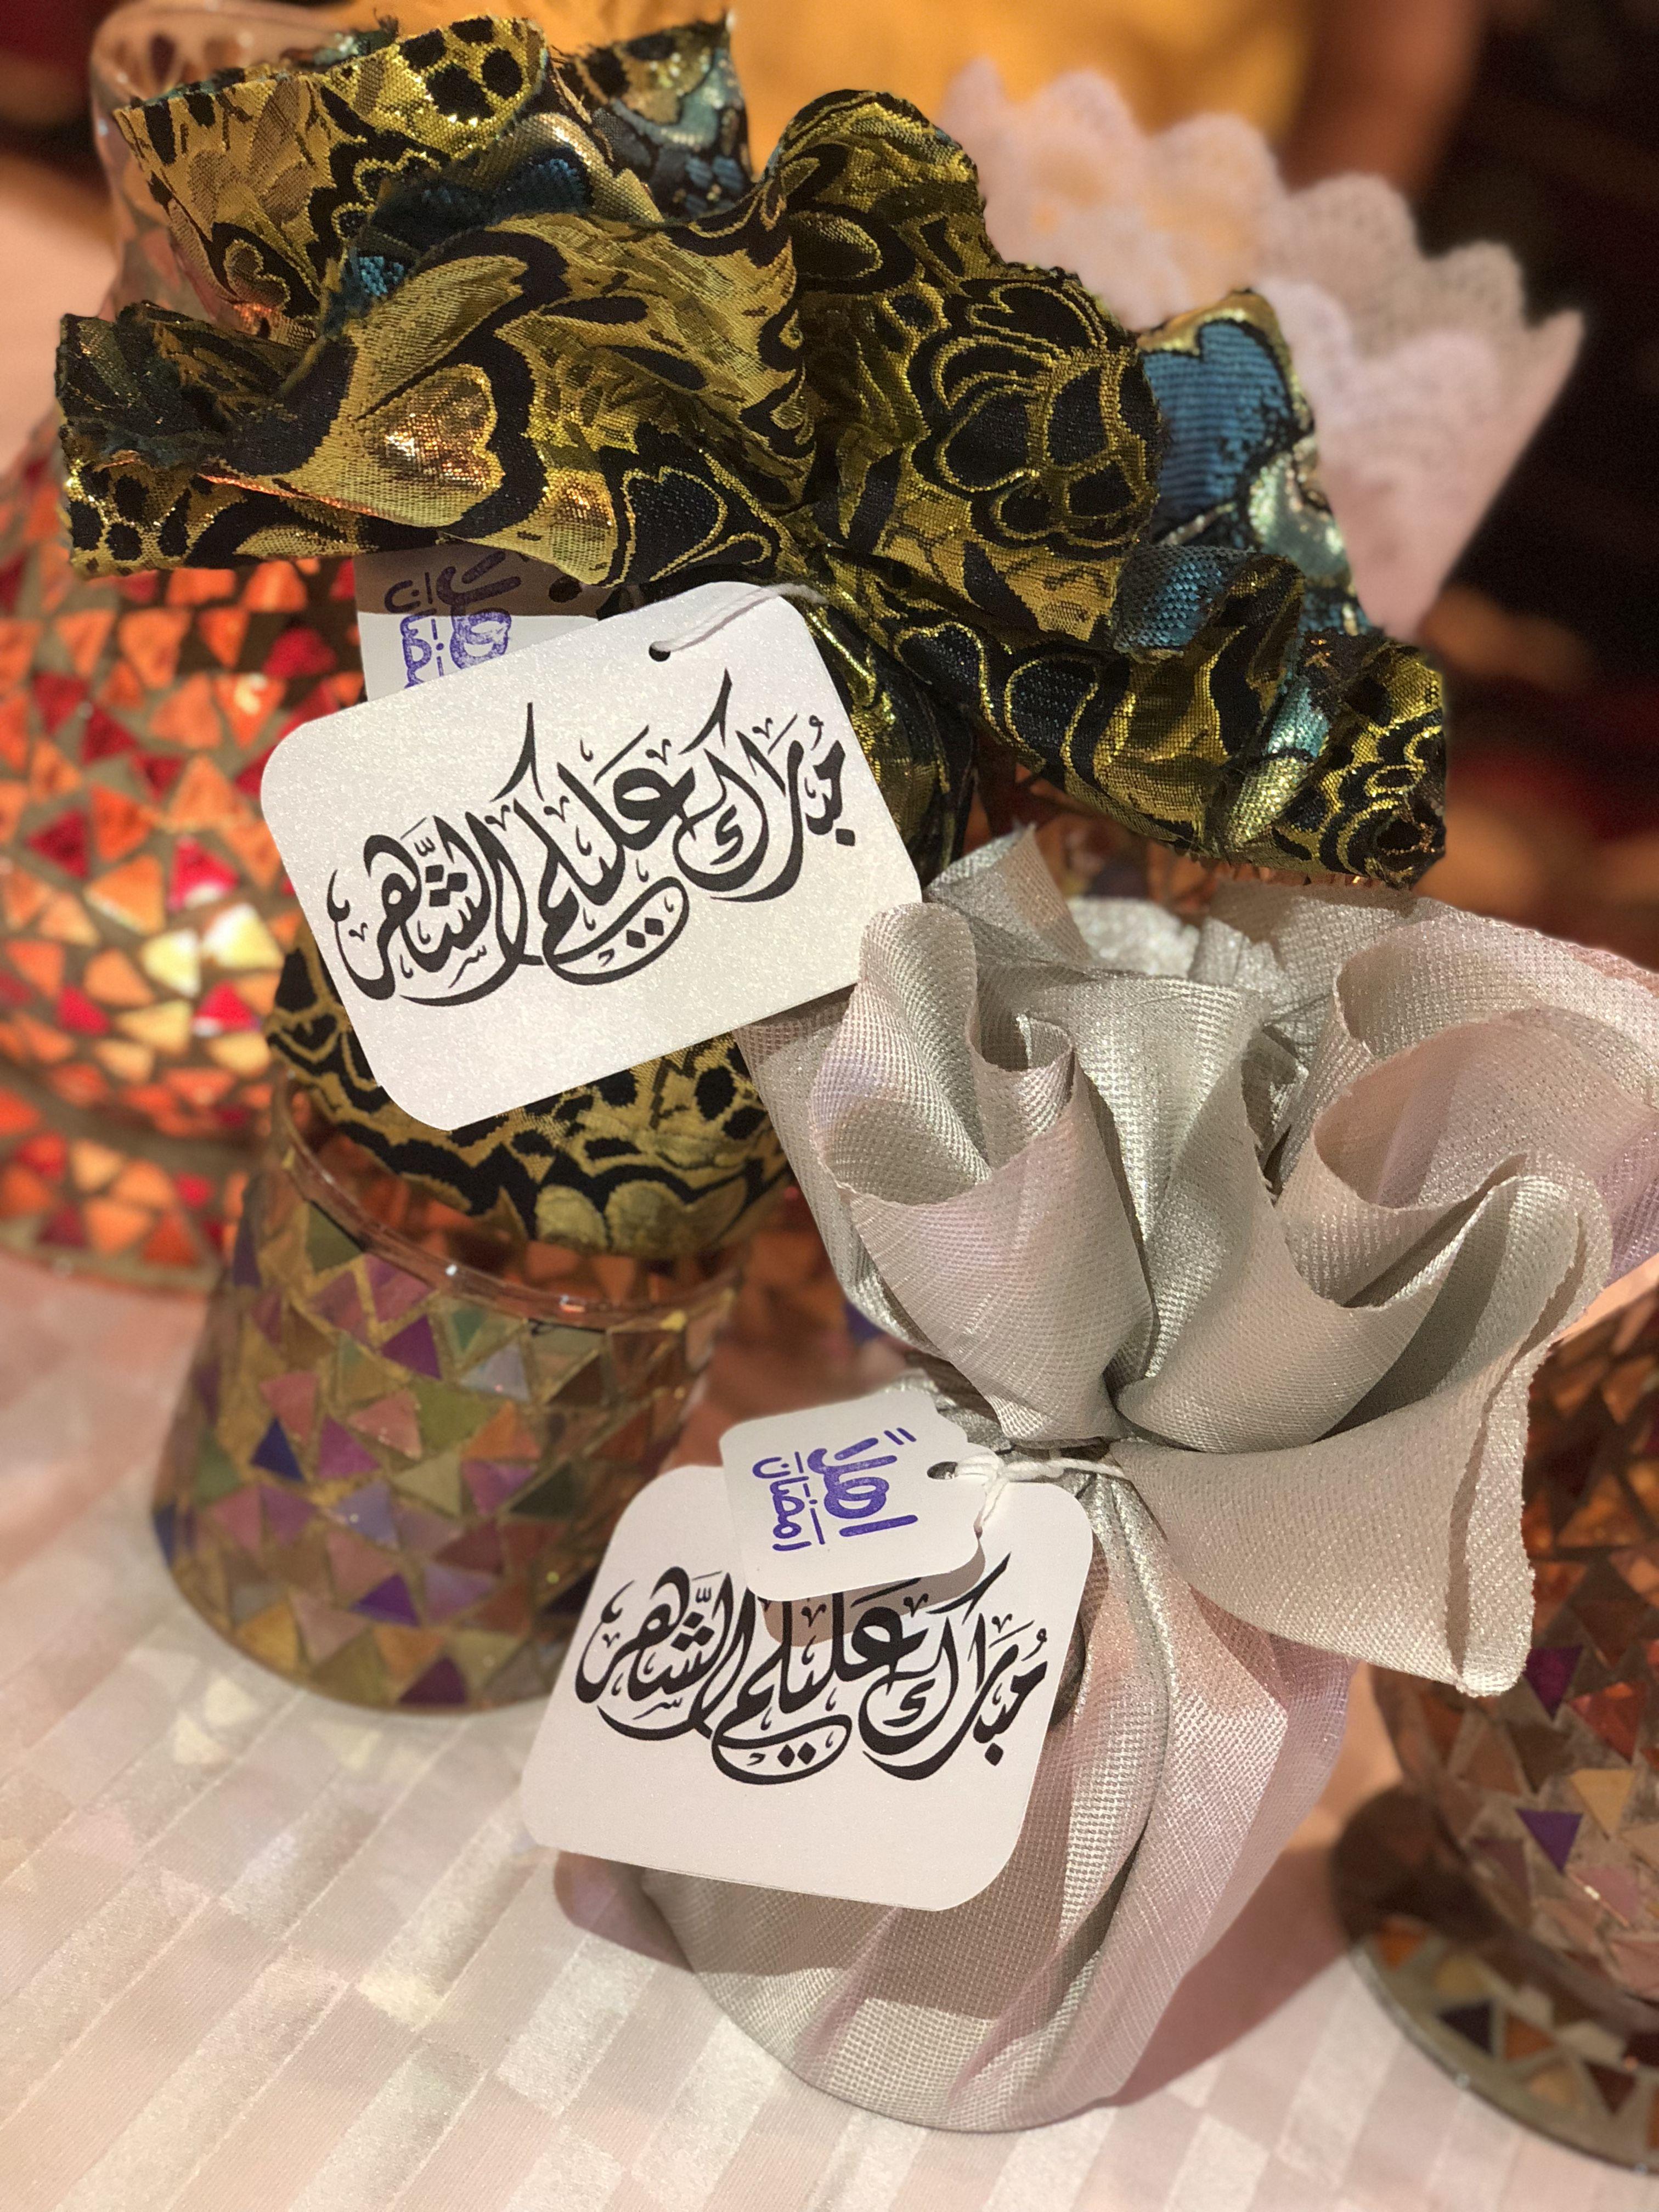 هدايا تهنئه بالشهر الفضيل مريم الثميلي Ramadan Gifts Ramadan Images Eid Gifts